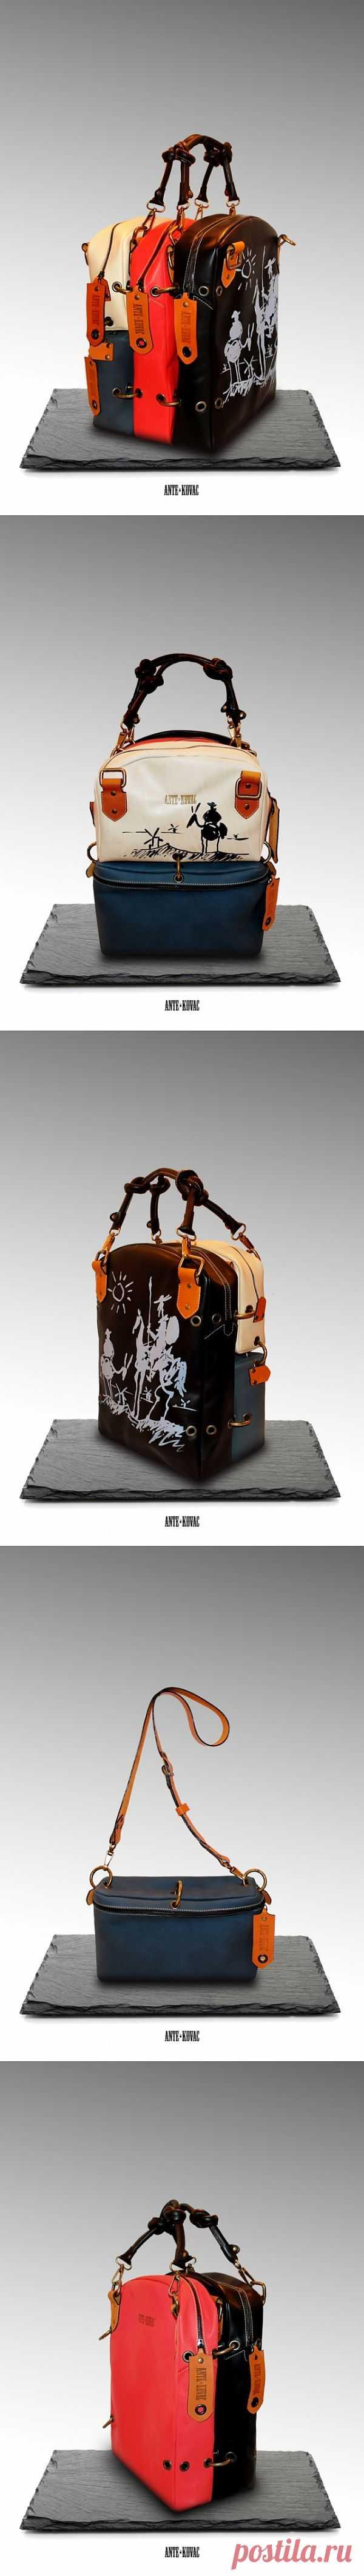 Сумка-трансформер / Сумки, клатчи, чемоданы / Модный сайт о стильной переделке одежды и интерьера